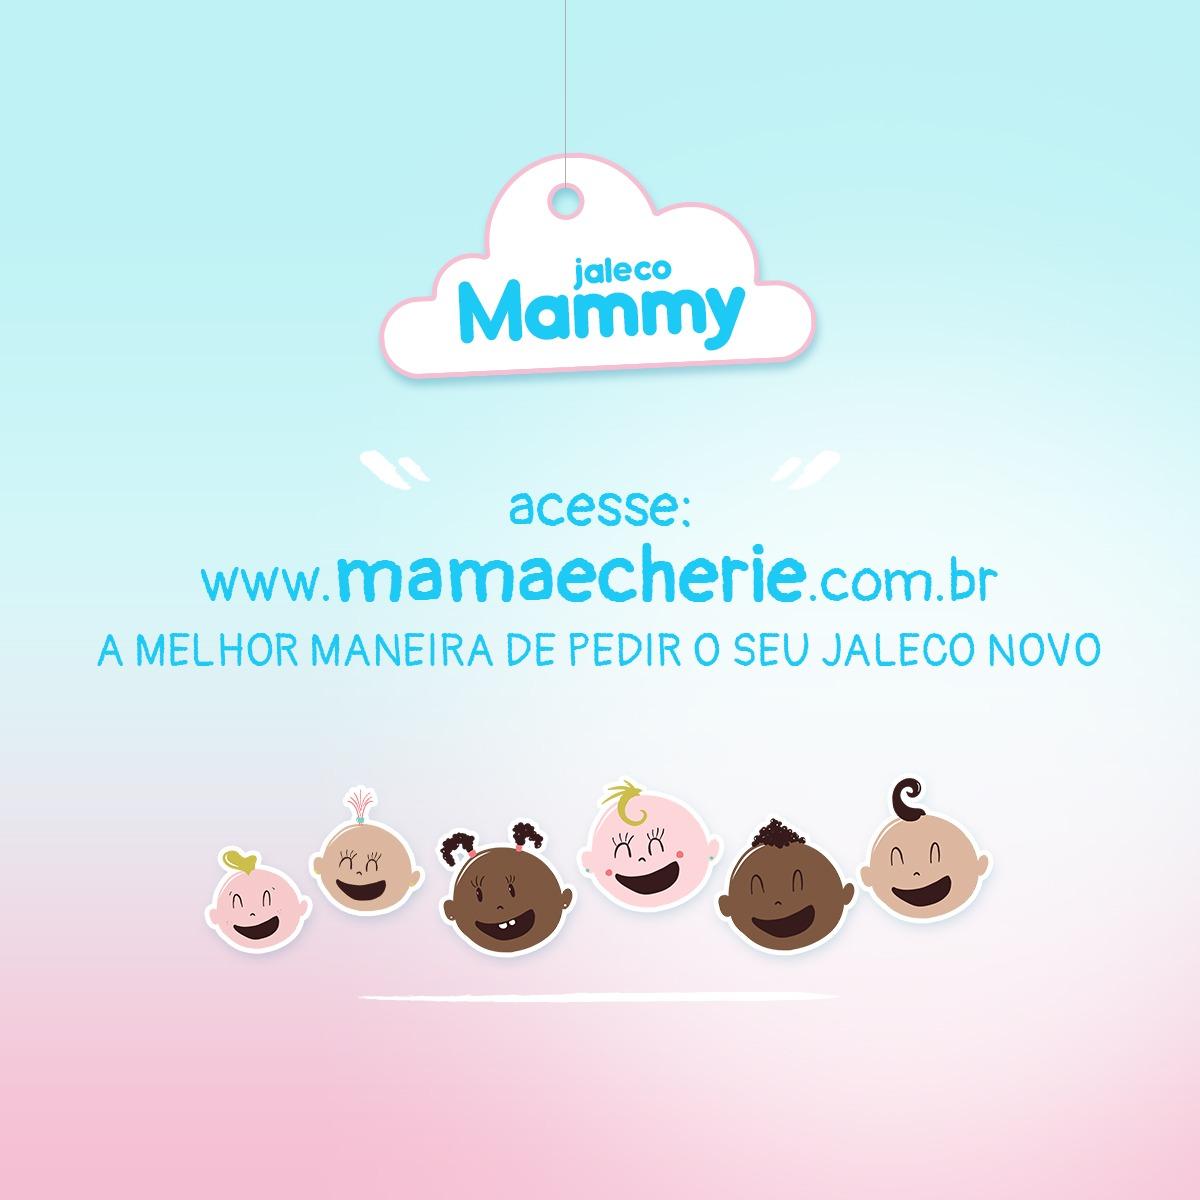 Site jaleco Mammy